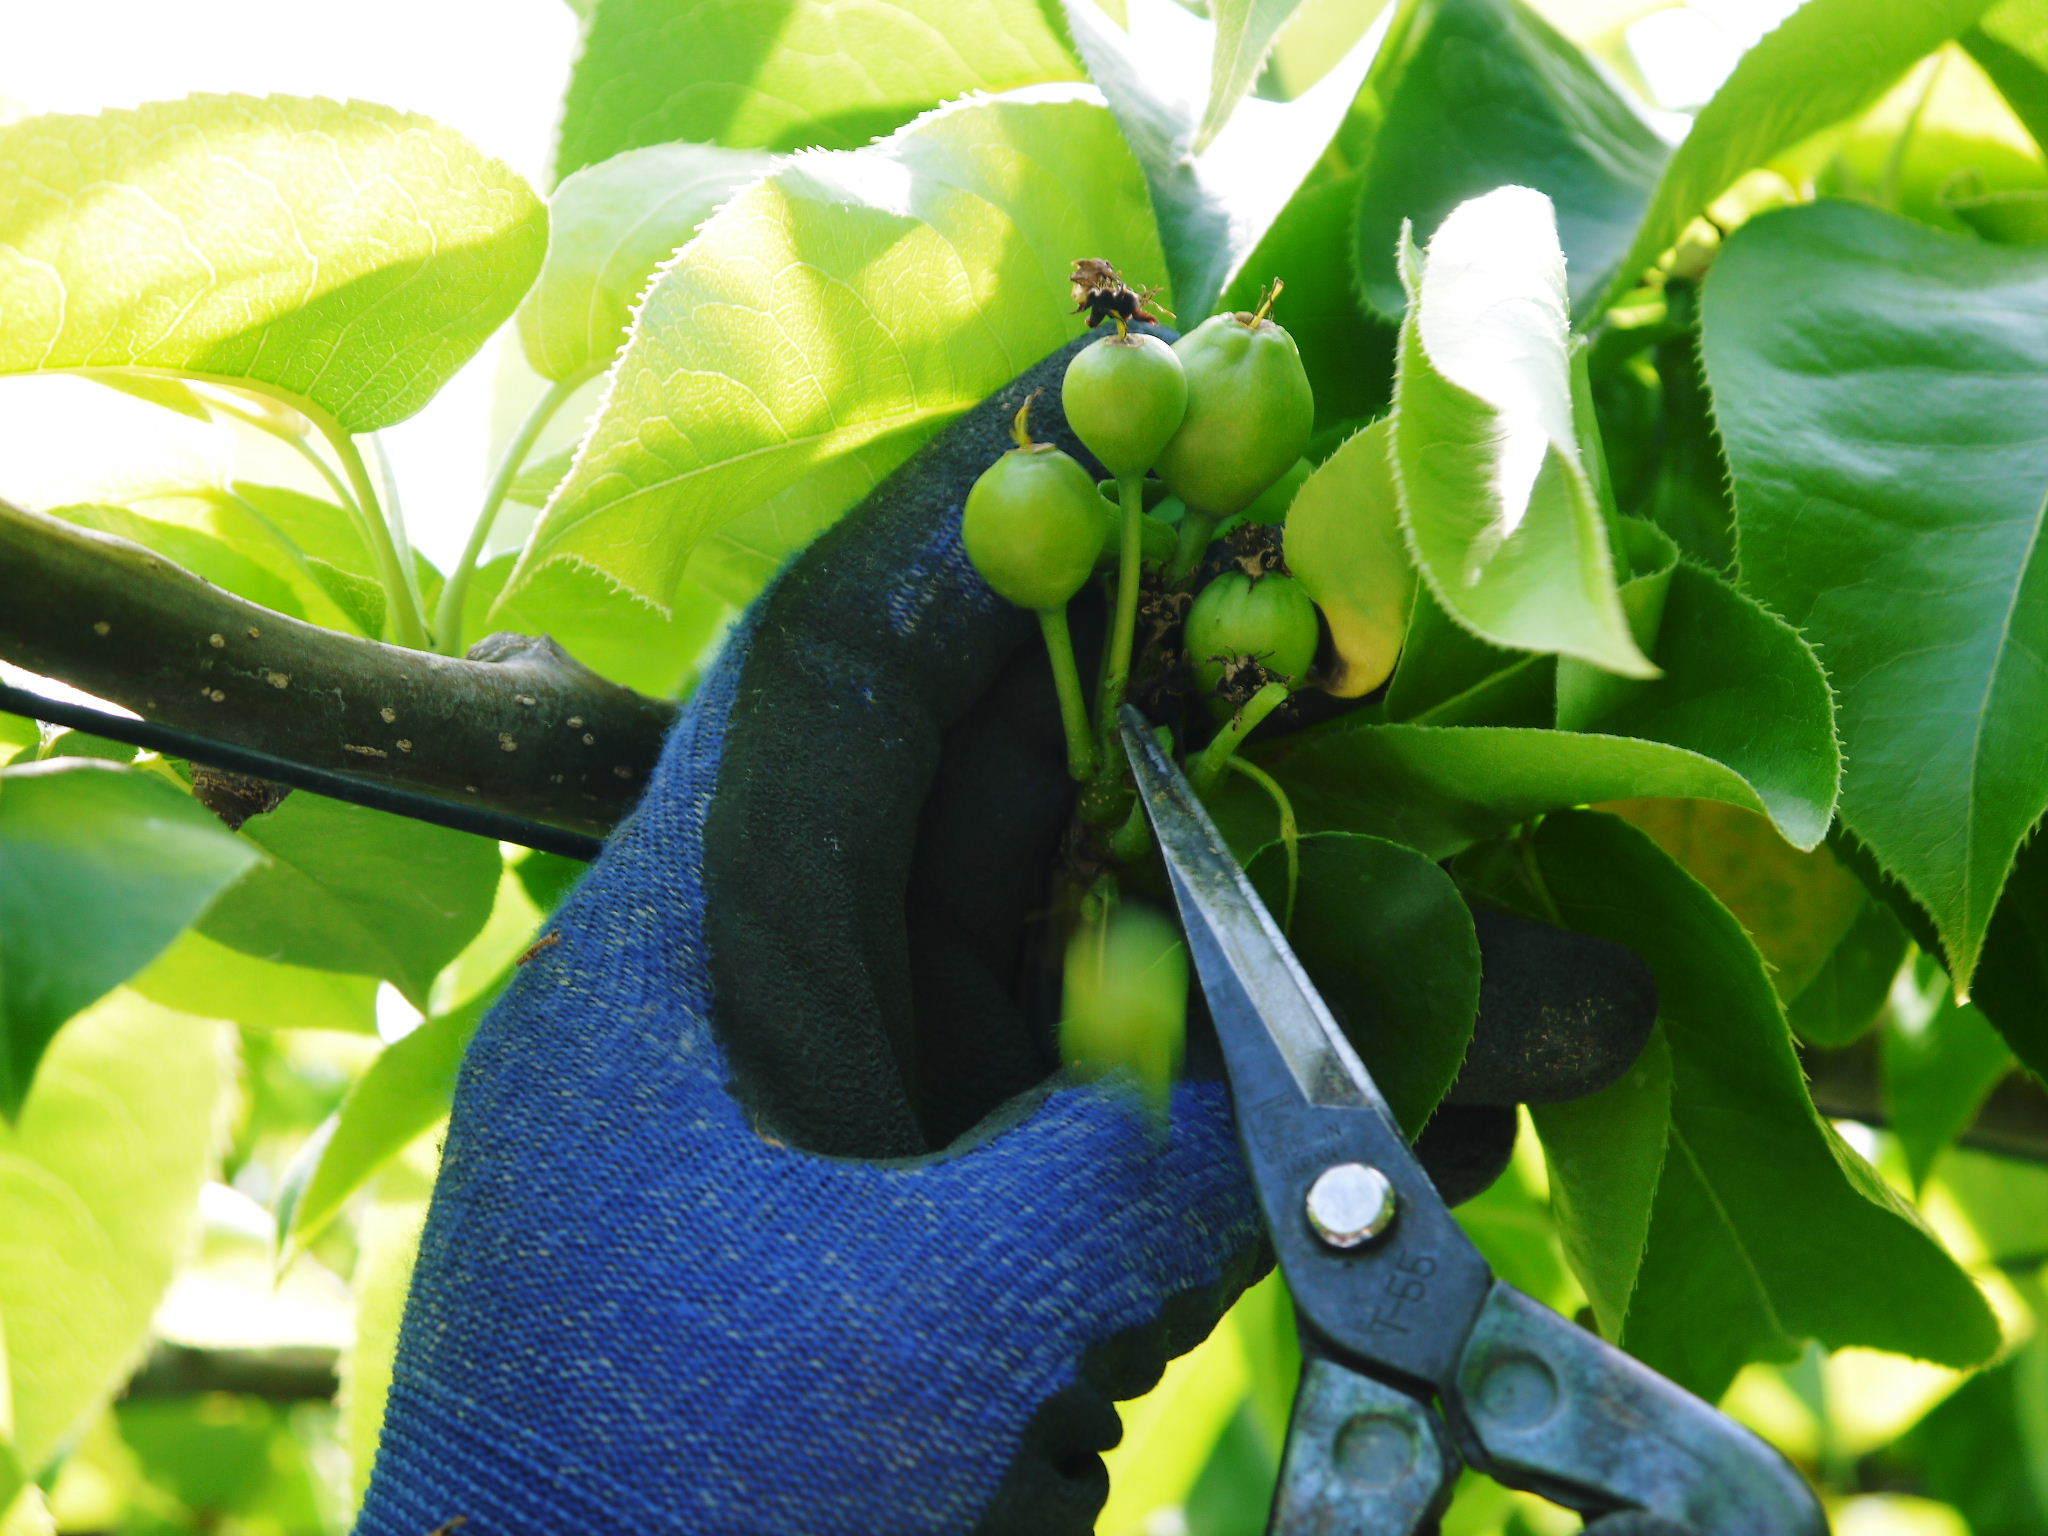 熊本梨 本藤果樹園 令和2年も7月下旬からの出荷に向け、匠の摘果作業がスタートしてます!_a0254656_18354122.jpg